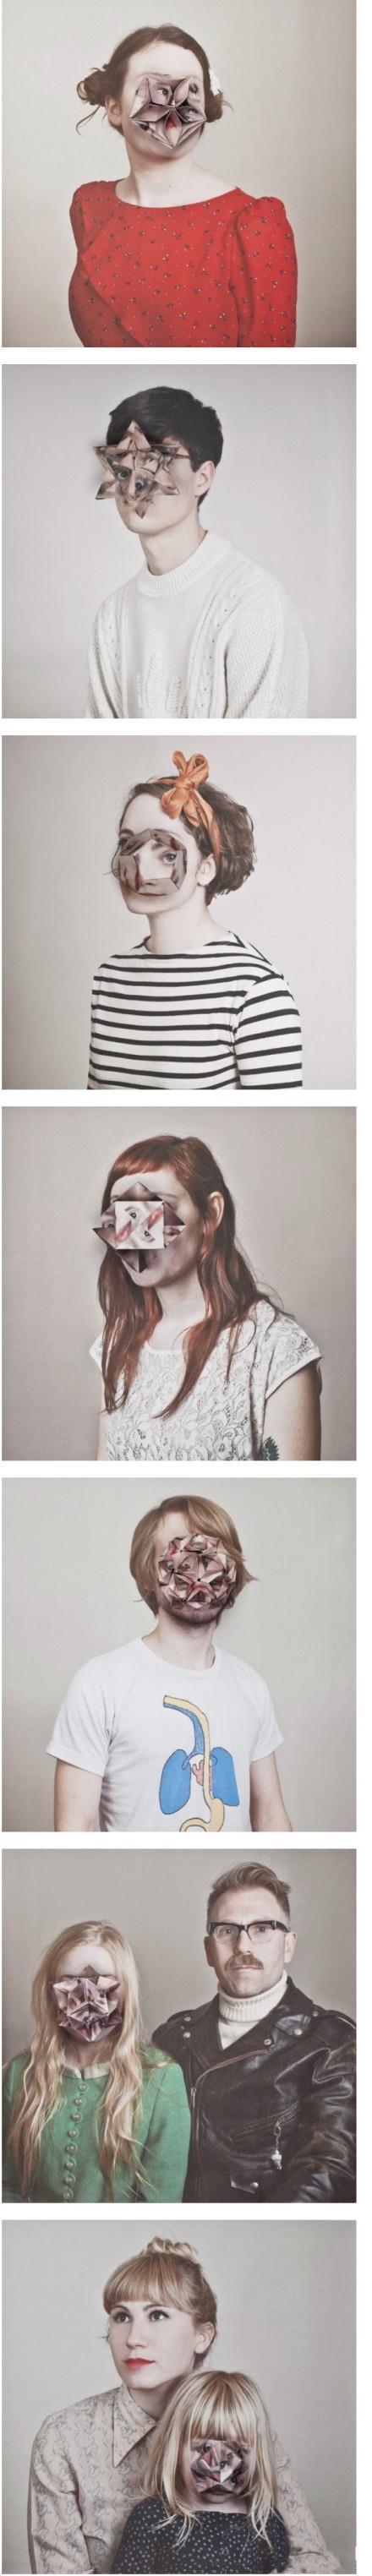 """这是英国艺术家Alma Haser创作的一系列把人脸弄出折纸效果的图片,这里除了""""好高级……""""以外就完全不知道该怎么形容了……"""